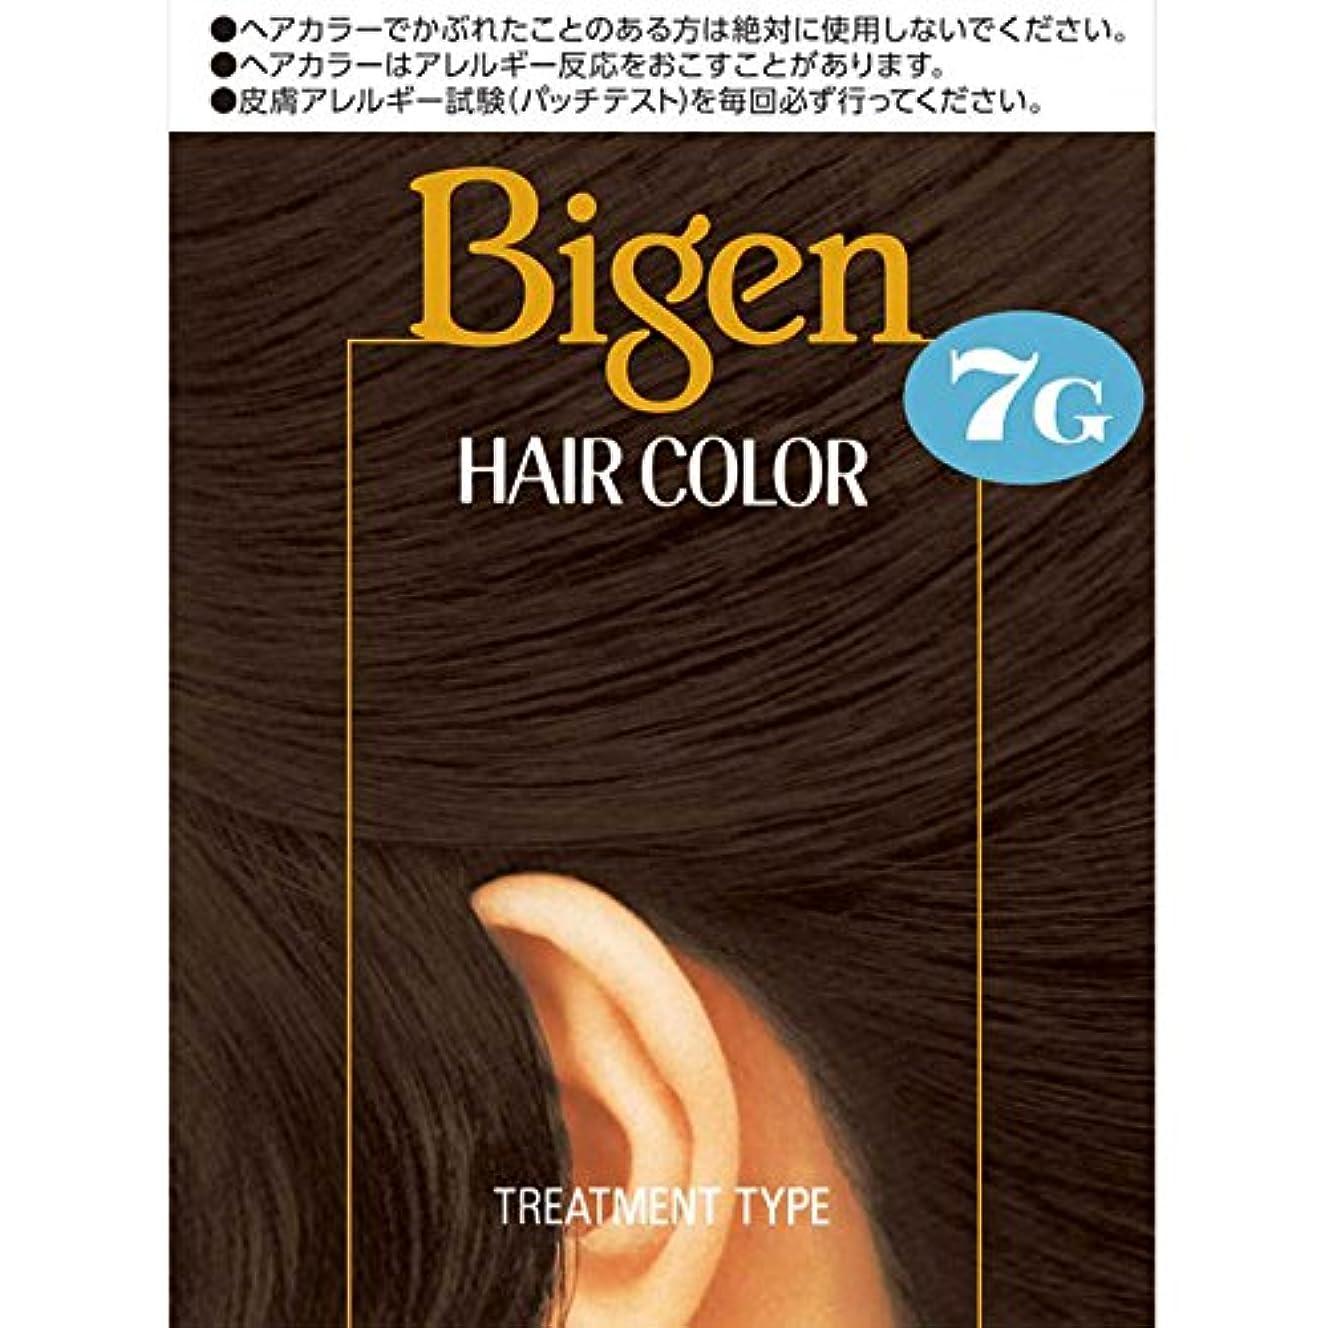 収まるレルム近々ホーユー ビゲン ヘアカラー 7G 自然な黒褐色 40ml×2